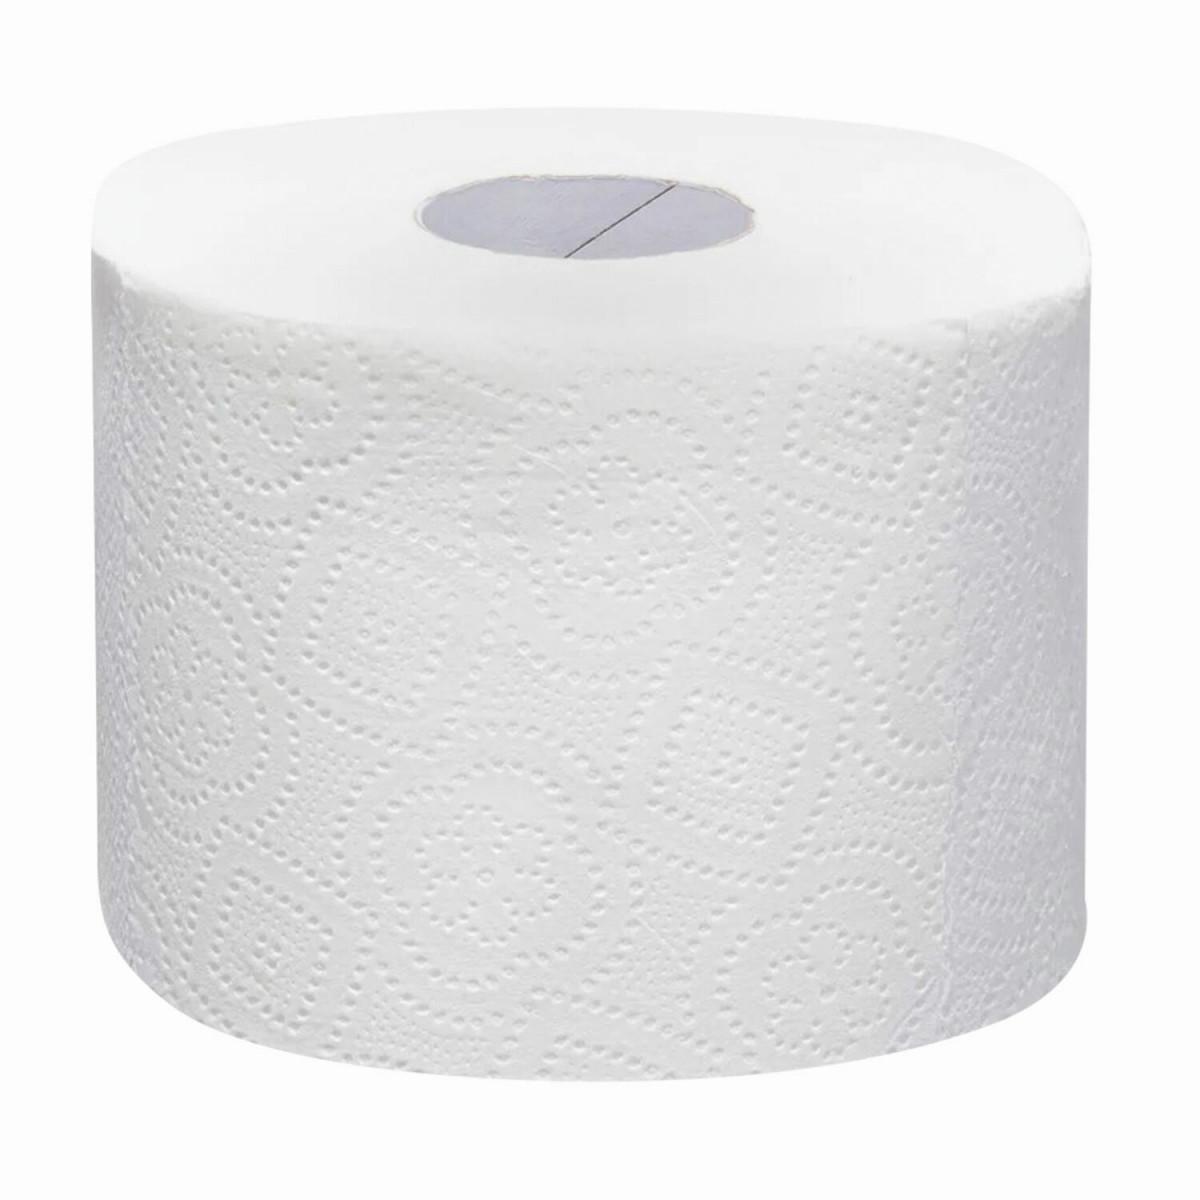 Бумага туалетная, спайка 6 шт., 2-слойная (6х48 м) Focus Extra, белая, 5042265 (арт. 5042265)